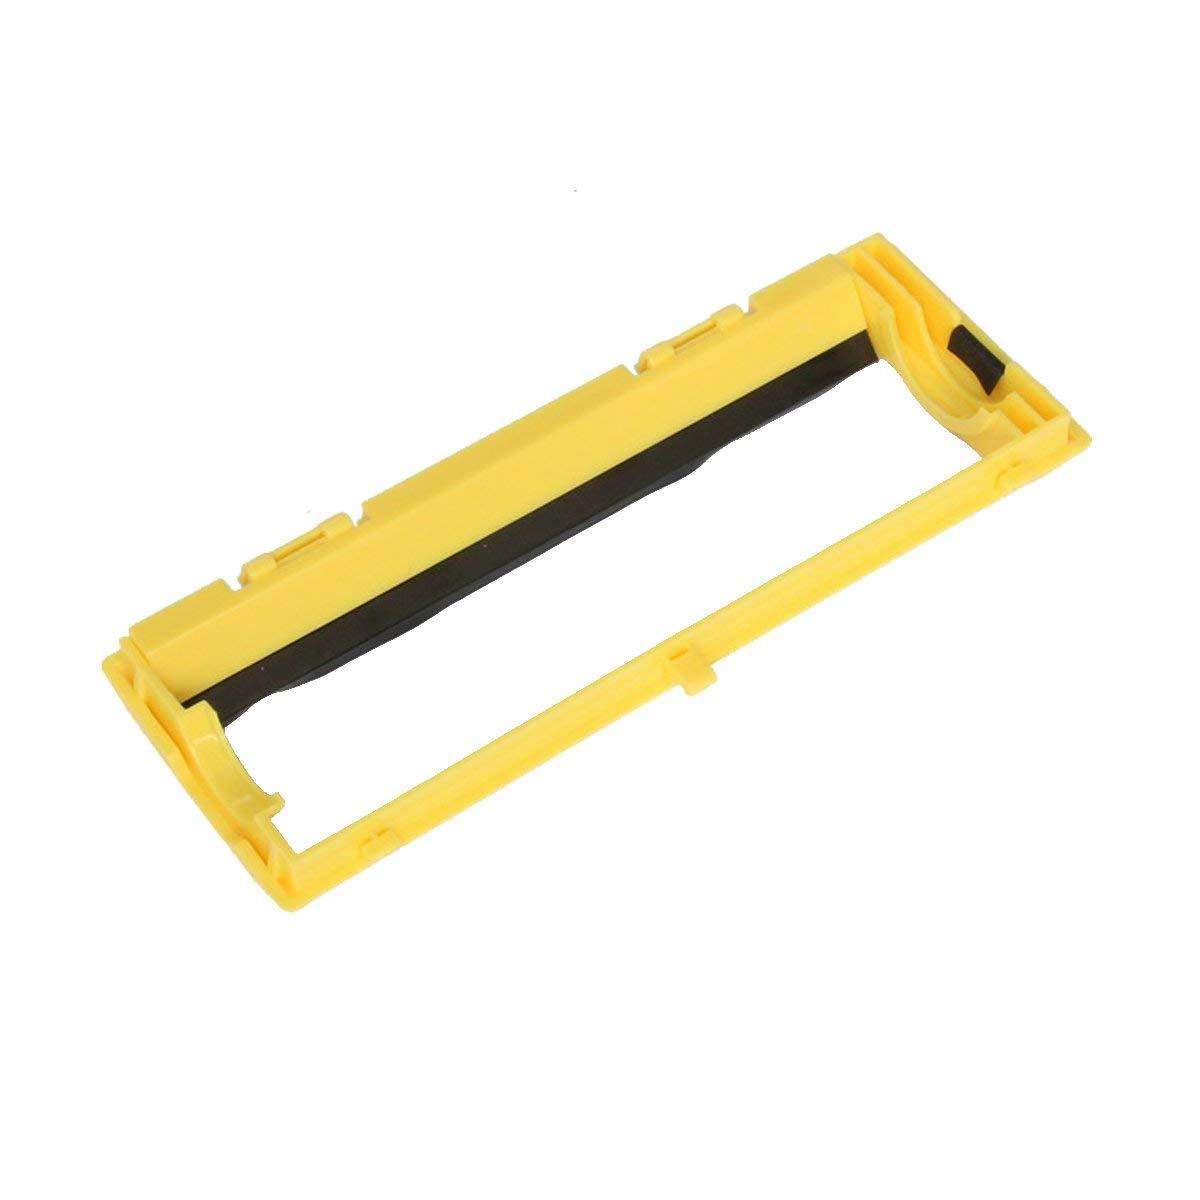 Copri pennello originale Main Roller per aspirapolvere ilife A4S T4 x 430 X432 ilife A4 simuke